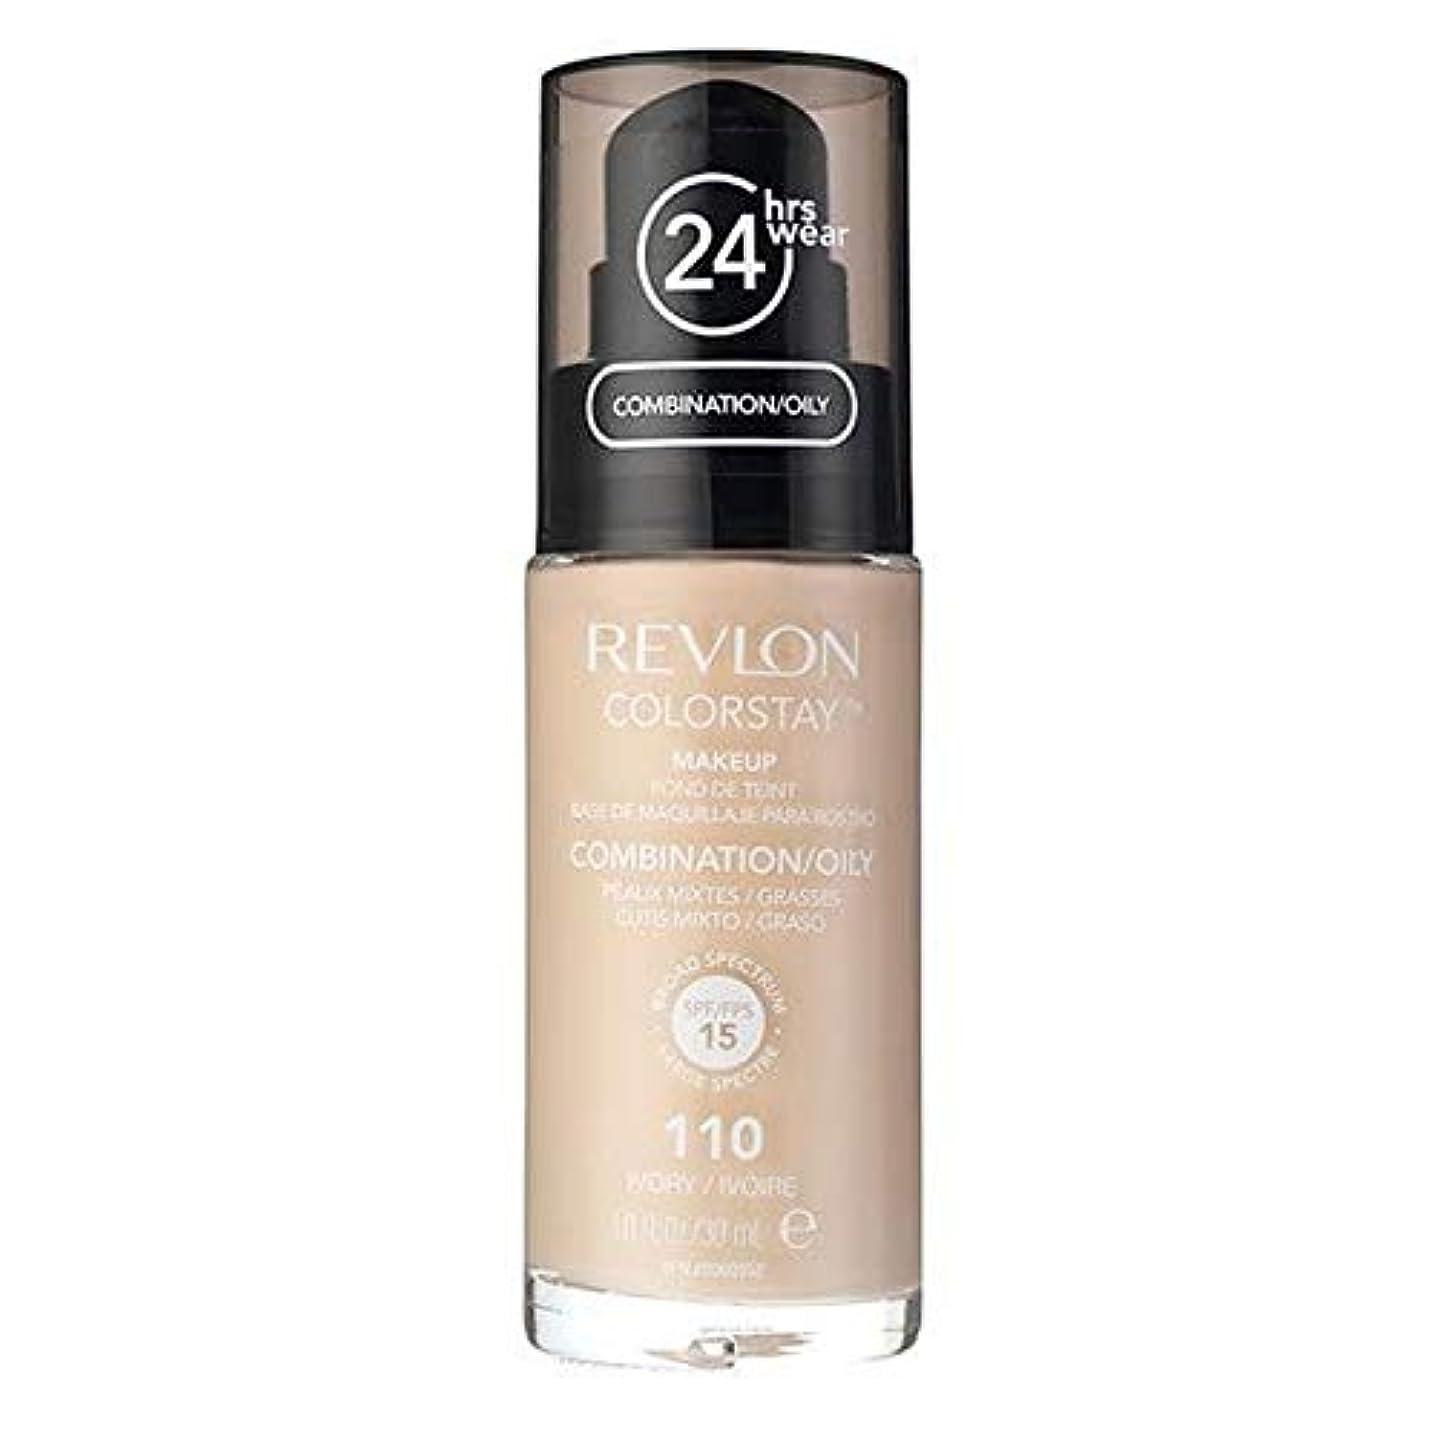 悔い改め焼く豊富に[Revlon ] レブロンカラーステイ基盤コンビ/油性アイボリー30ミリリットル - Revlon Color Stay Foundation Combi/Oily Ivory 30ml [並行輸入品]